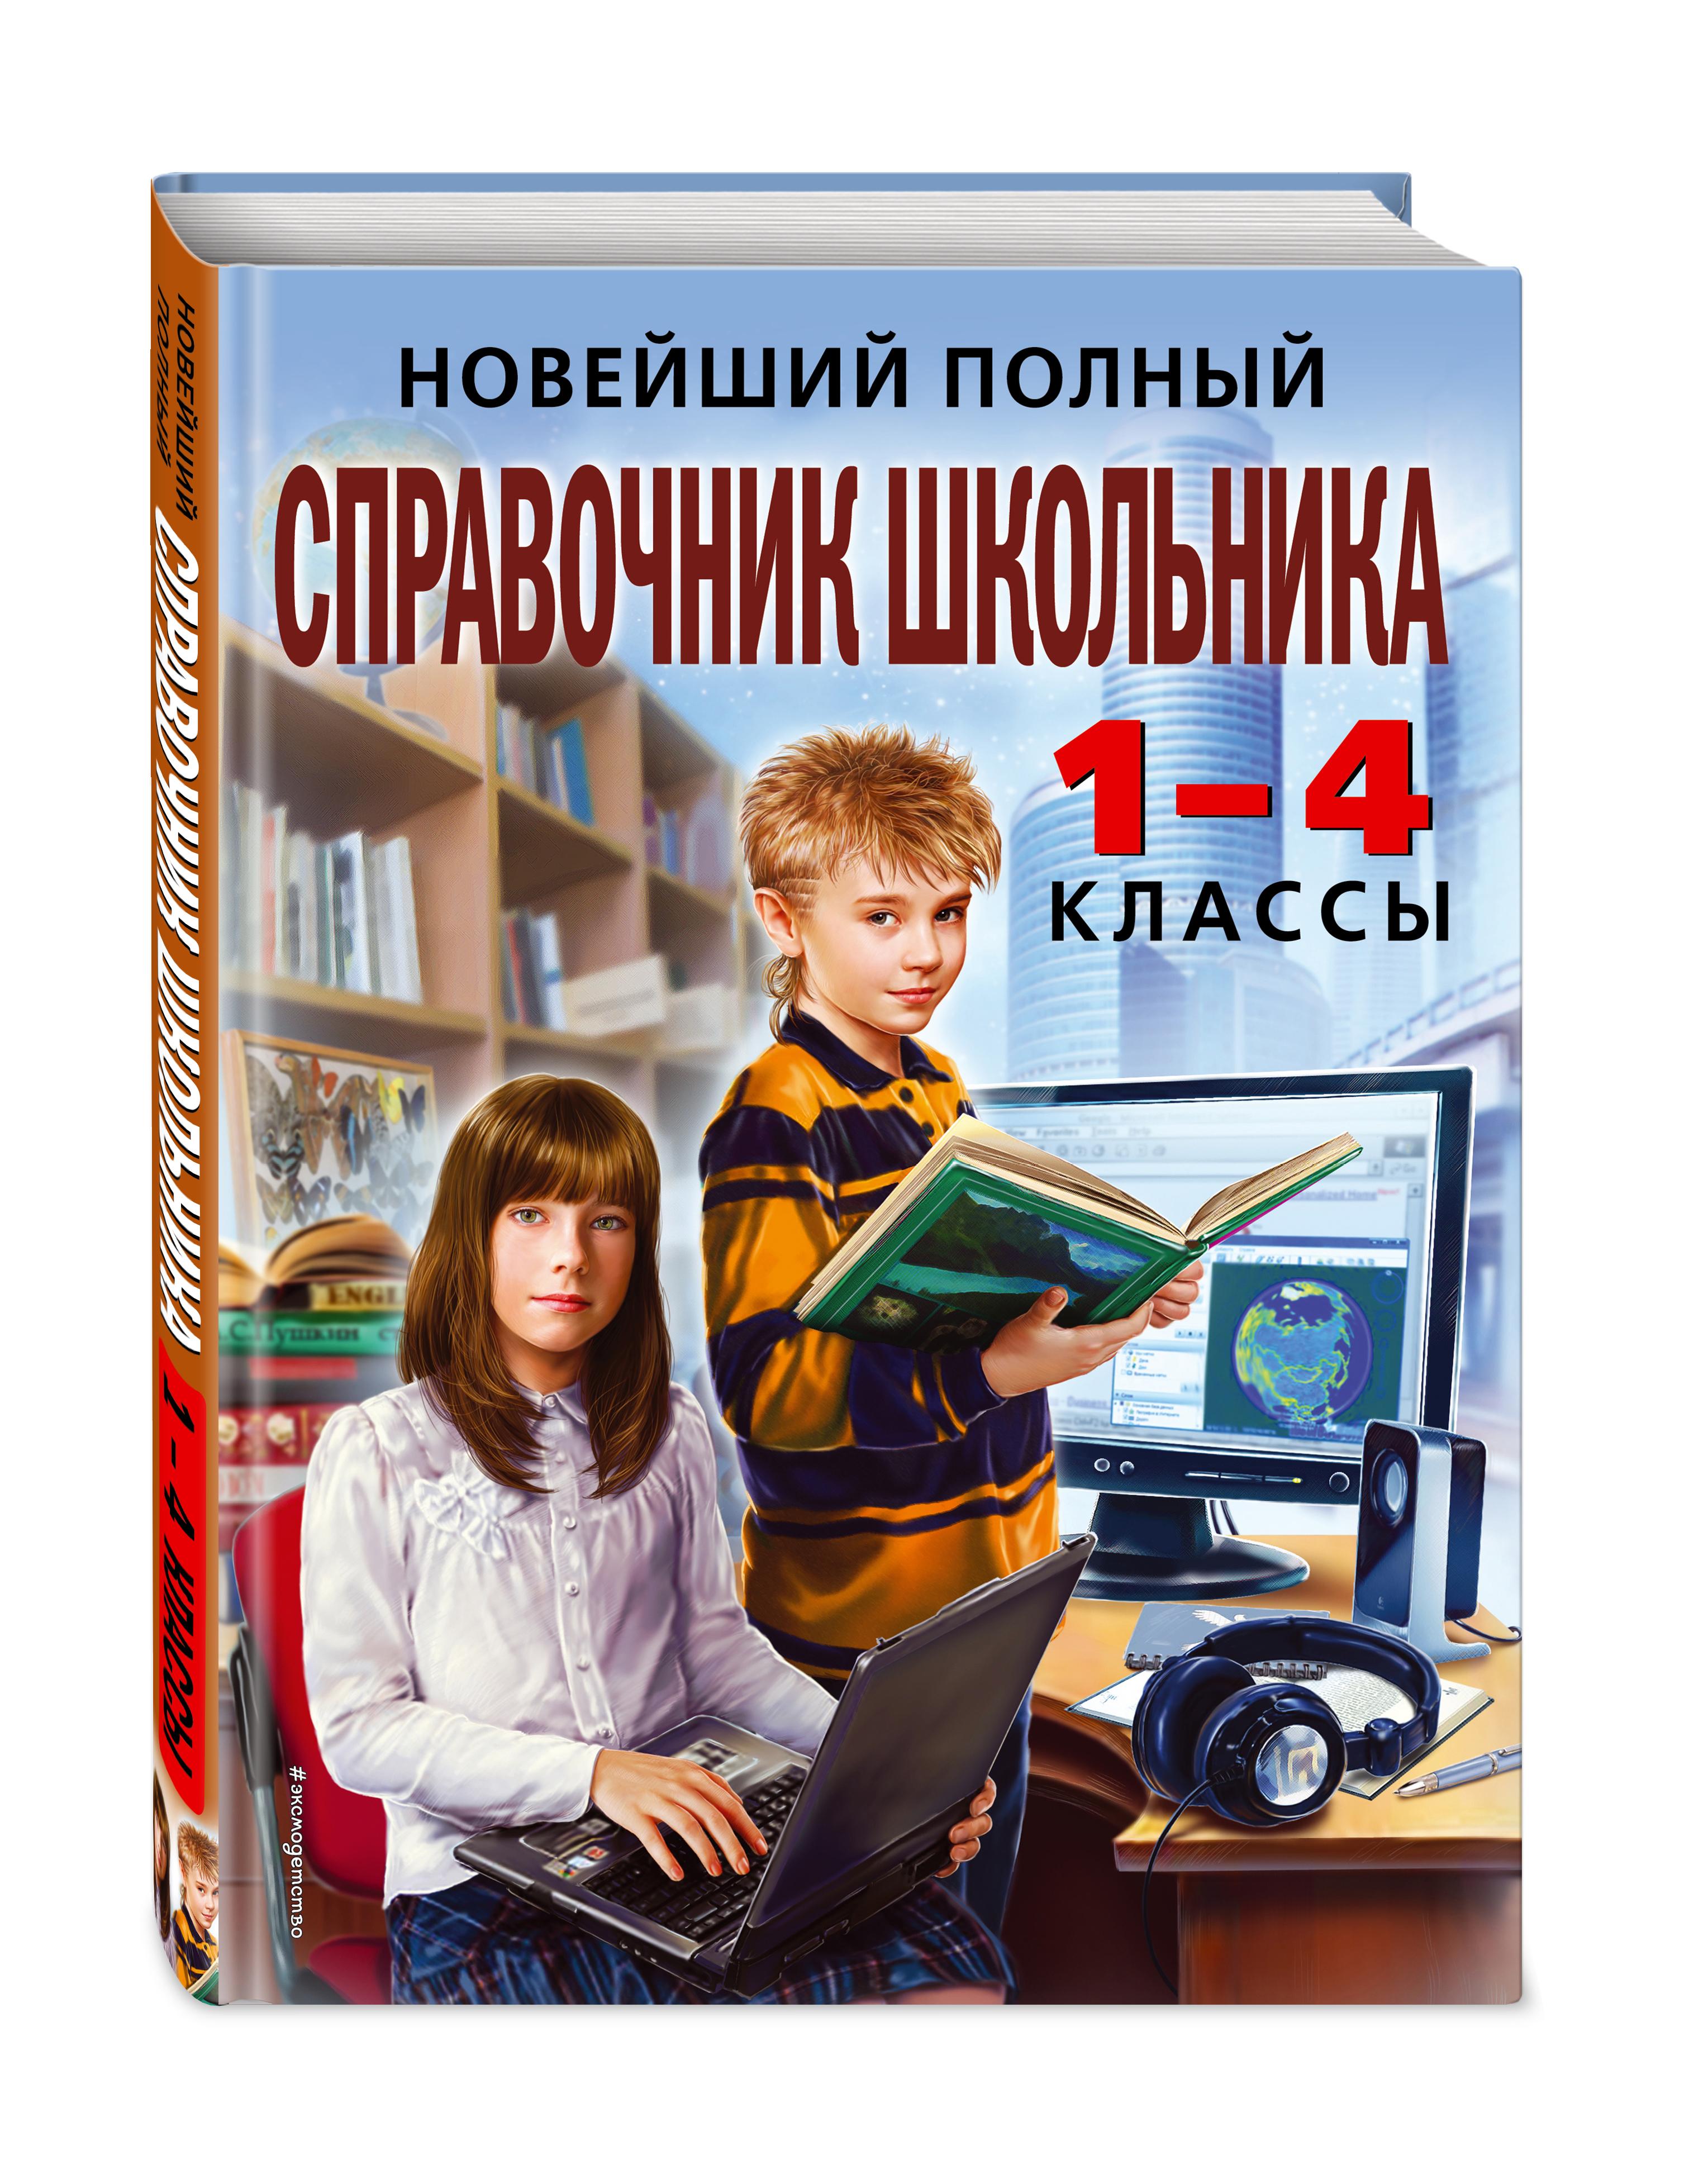 Новейший полный справочник школьника: 1-4 классы. 2-е изд., испр. и доп.